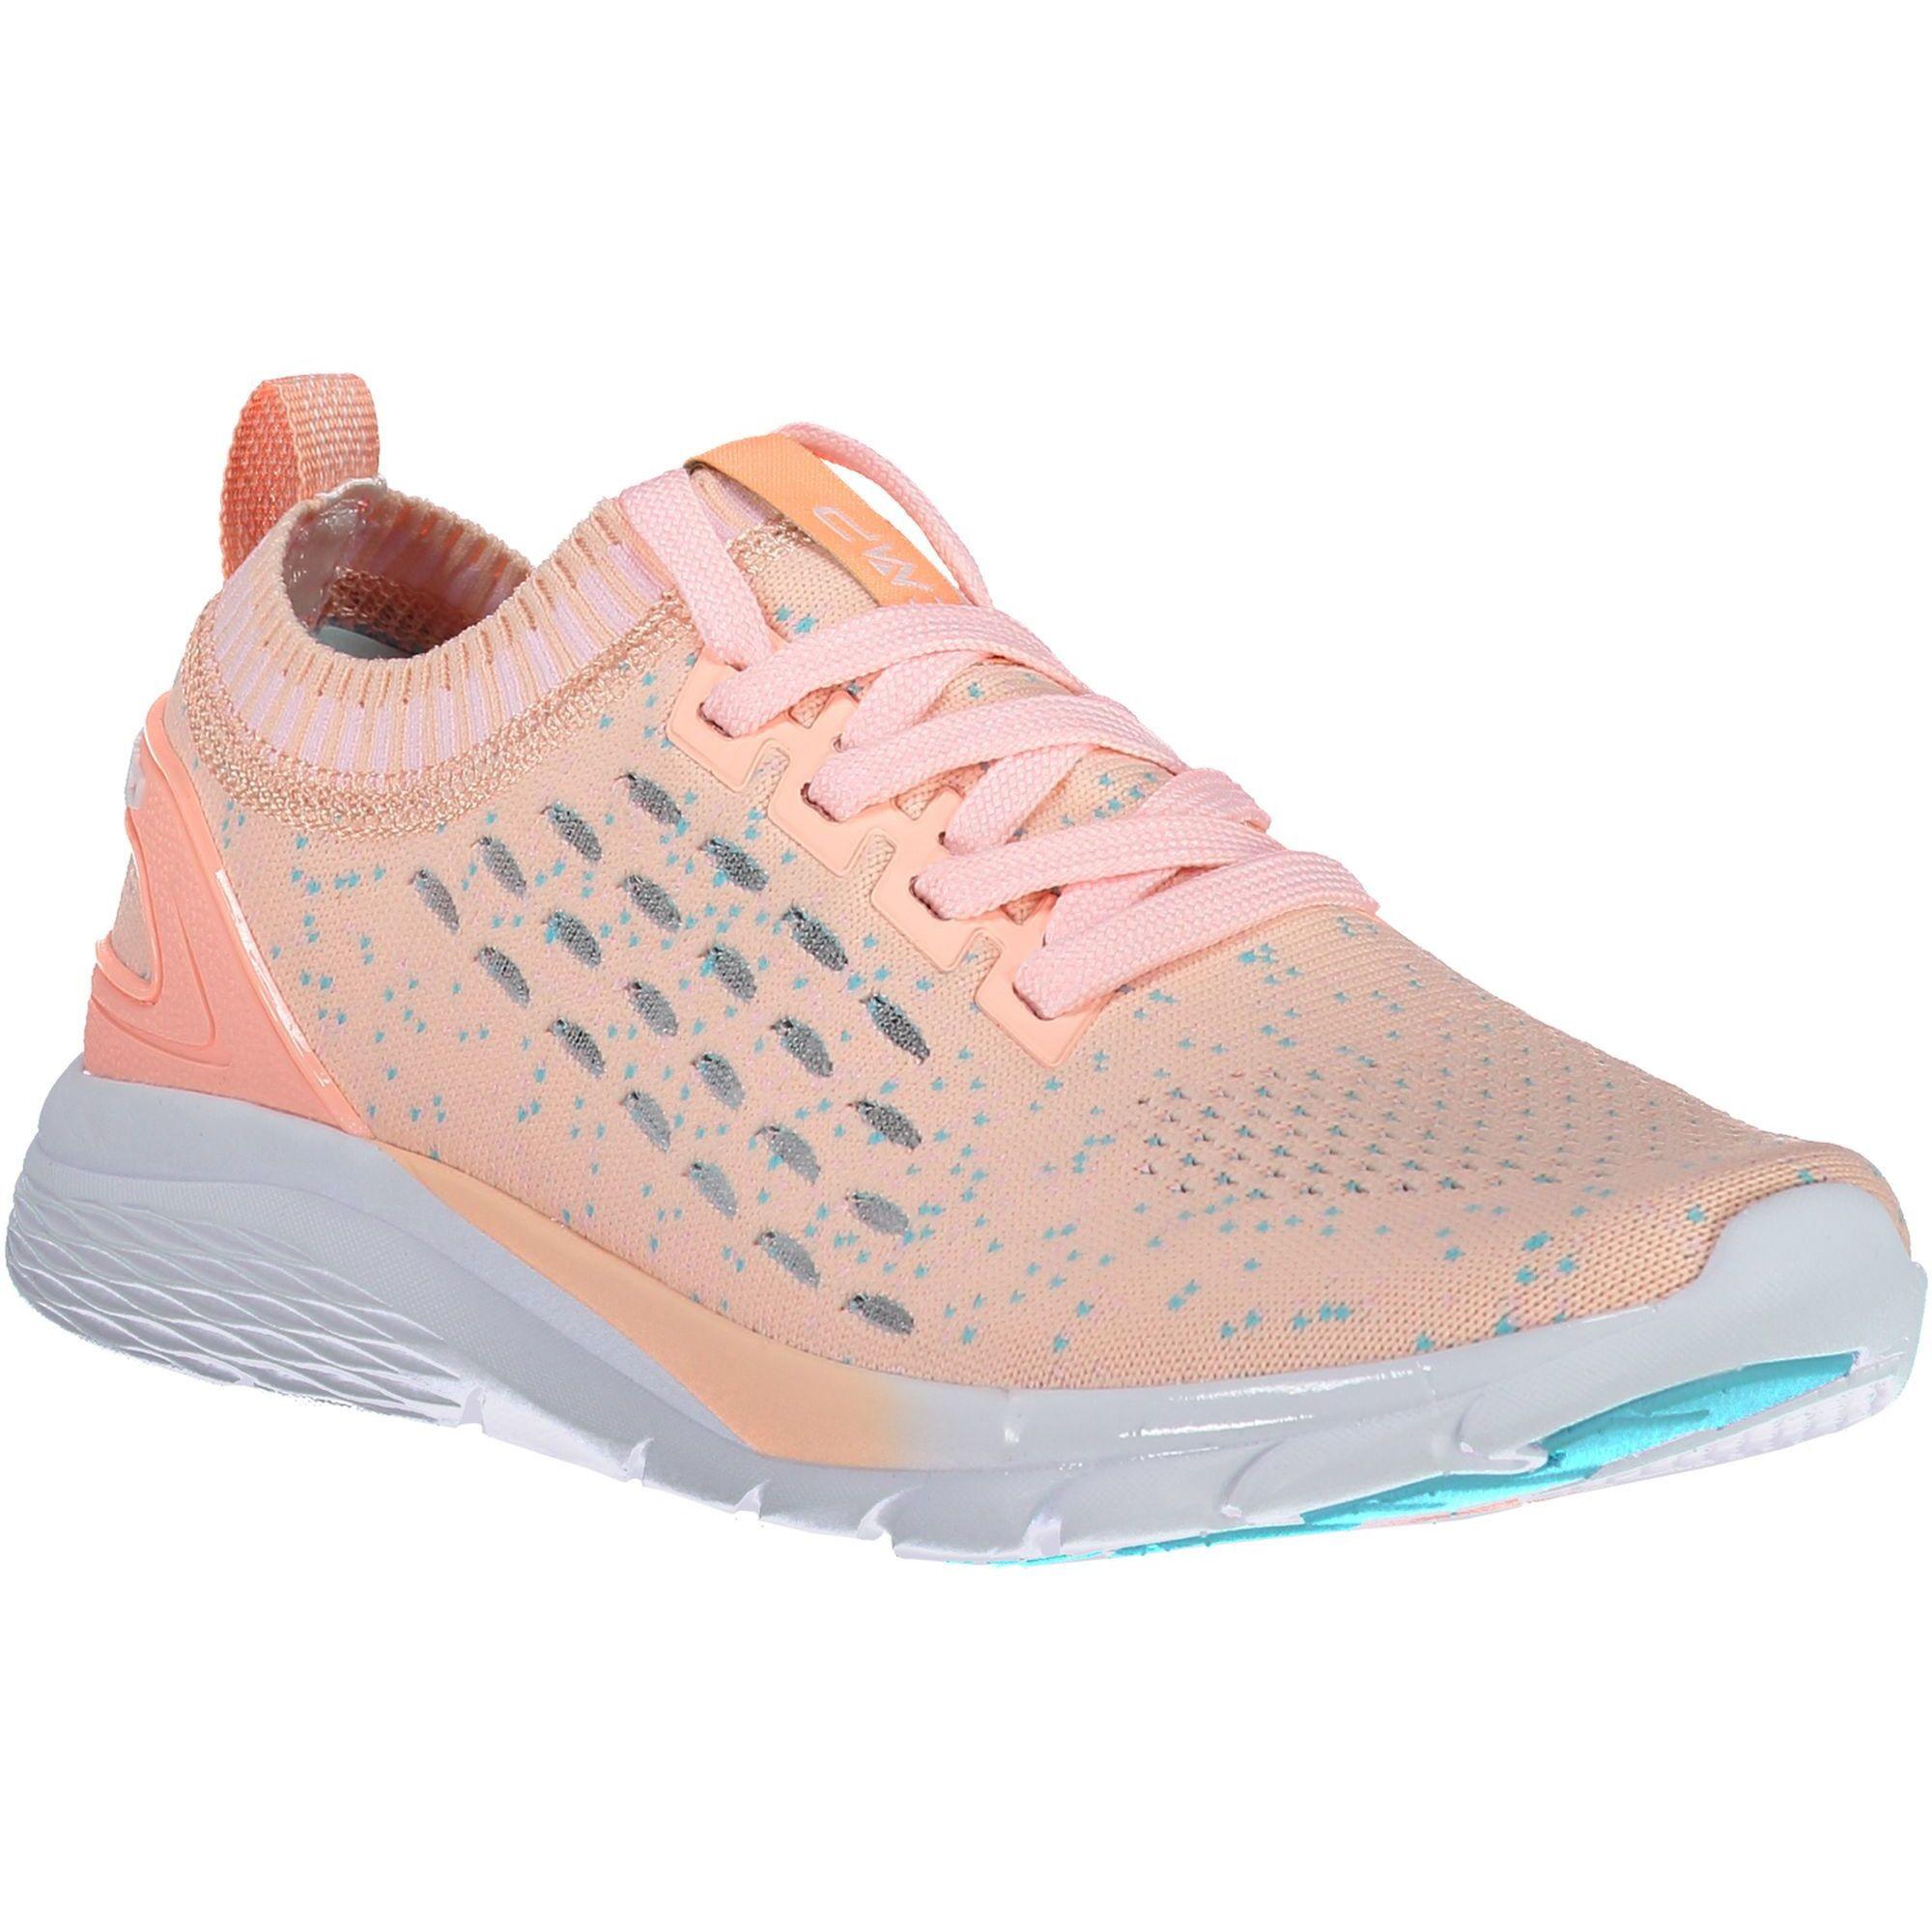 Günstig Kaufen Cmp Schuhe Online Schlussverkauf Sparen Sie